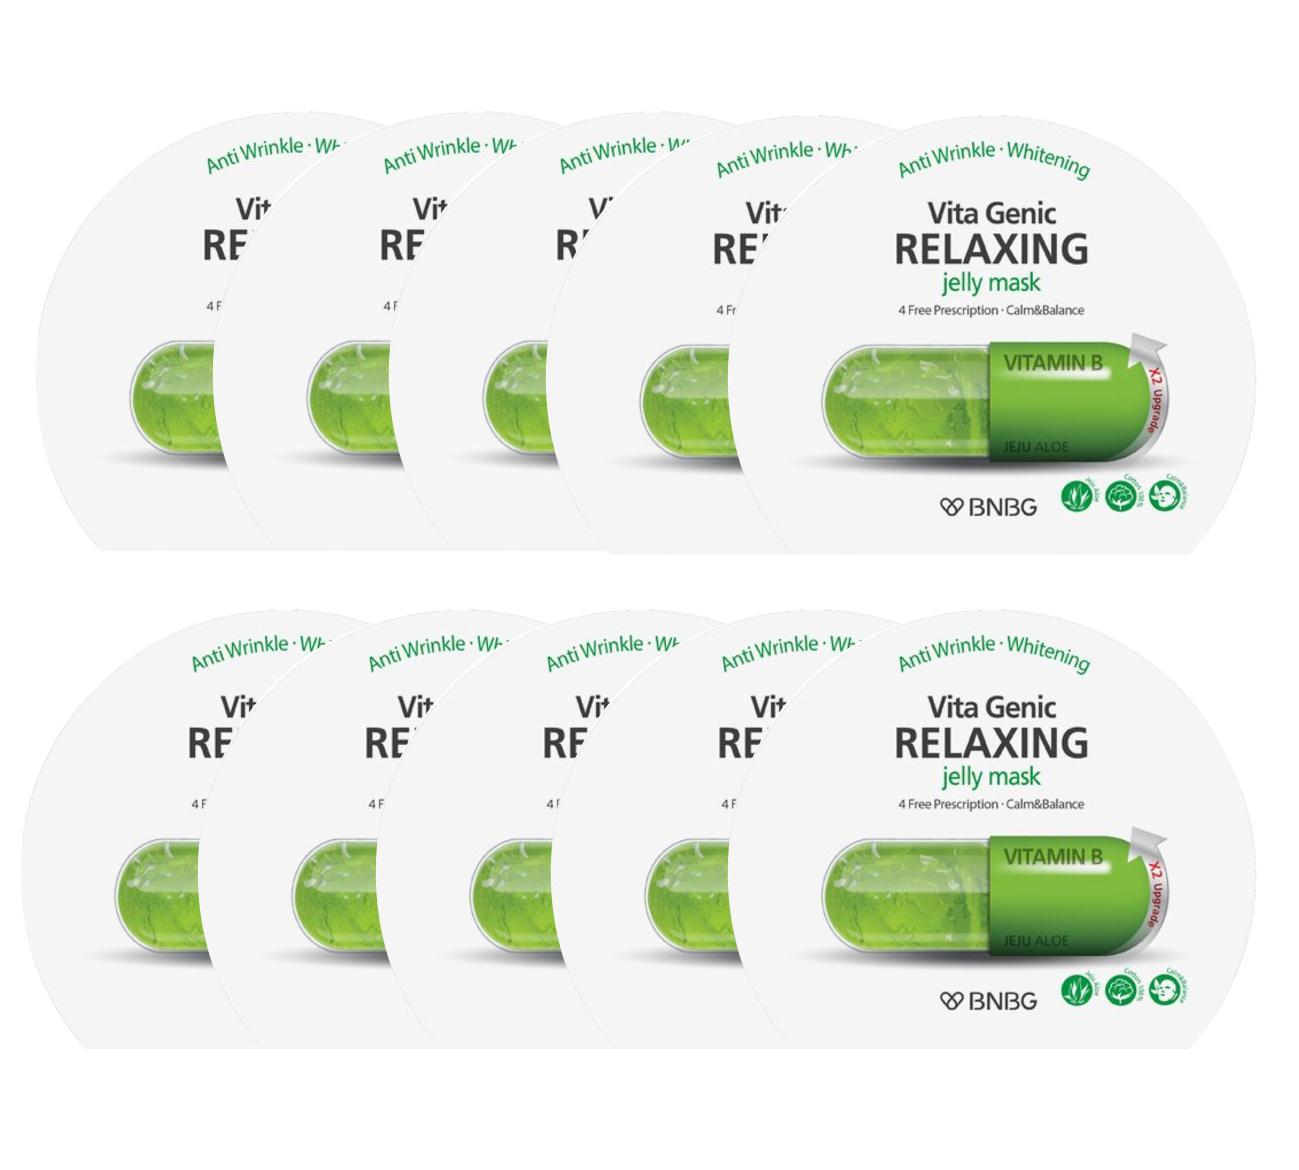 Giá Bán Hộp 10 Goi Mặt Nạ Dưỡng Da Giup Thư Gian Va Phục Hồi Lan Da Mệt Mỏi Banobagi Vita Genic Relaxing Jelly Mask Vitamin B 30Ml X10 Nhãn Hiệu Banobagi